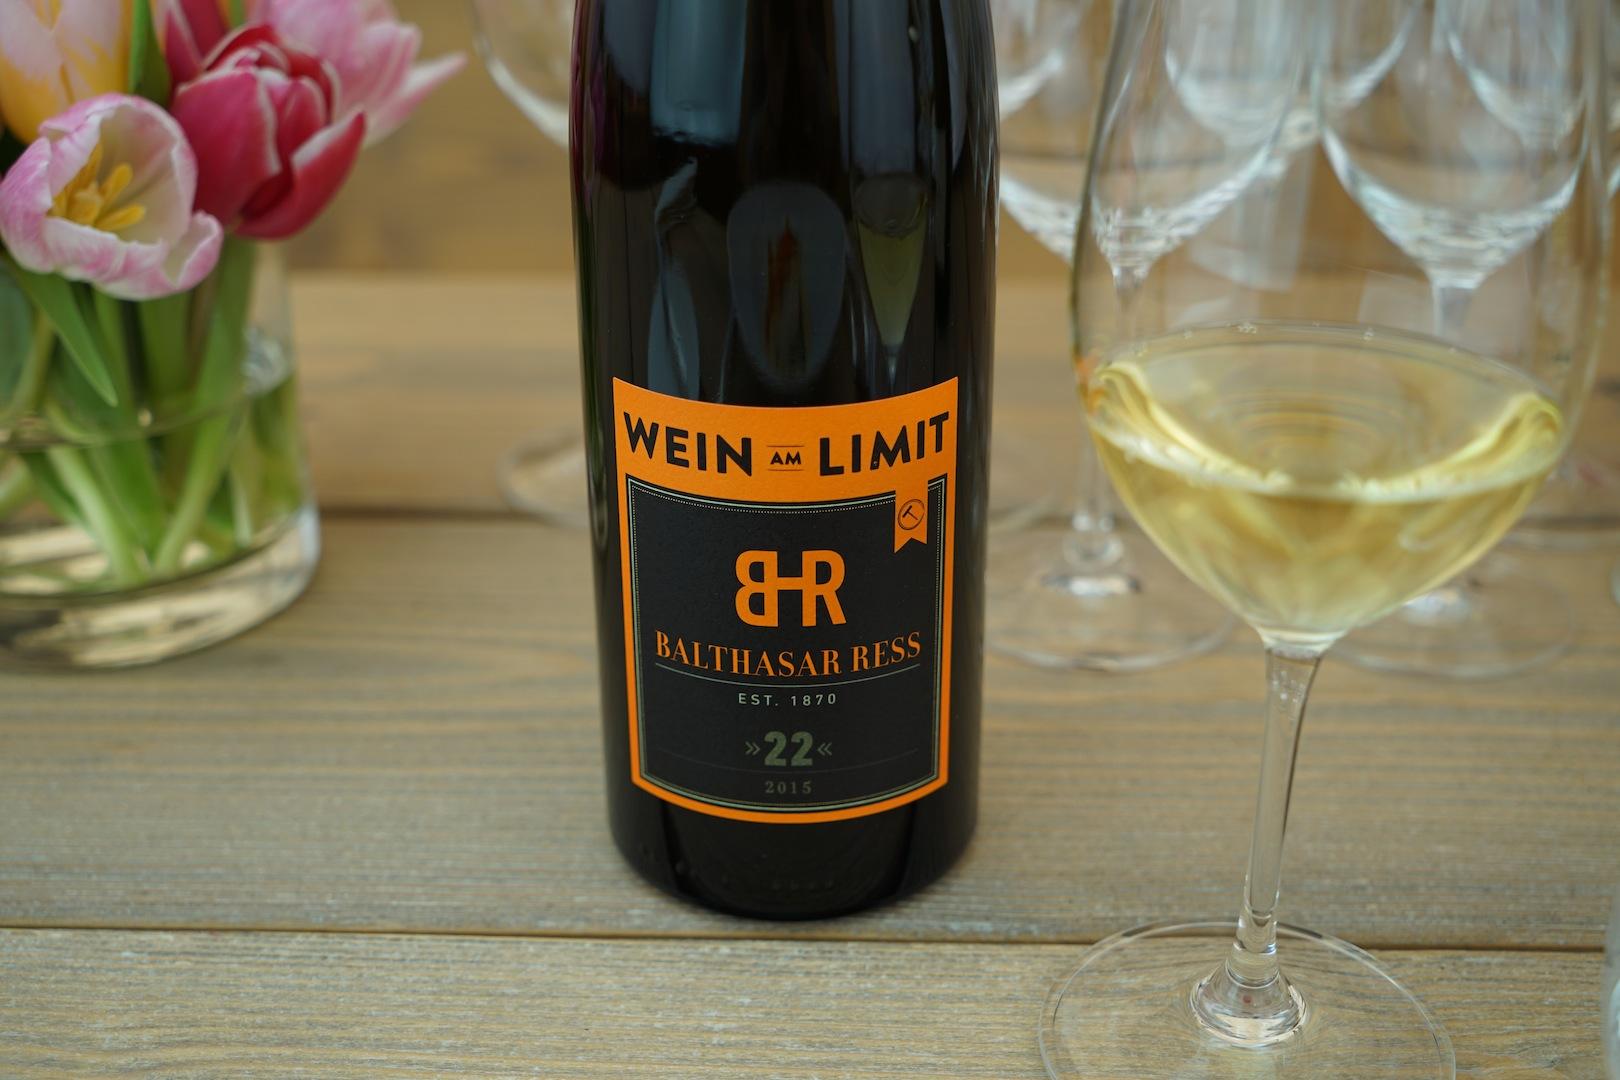 Dirk Würtz vom Rheingauer Weingut Balthasar Rees stellte den Rheingauer Landwein 22 vor, der 22 Monate auf der Hefe lag